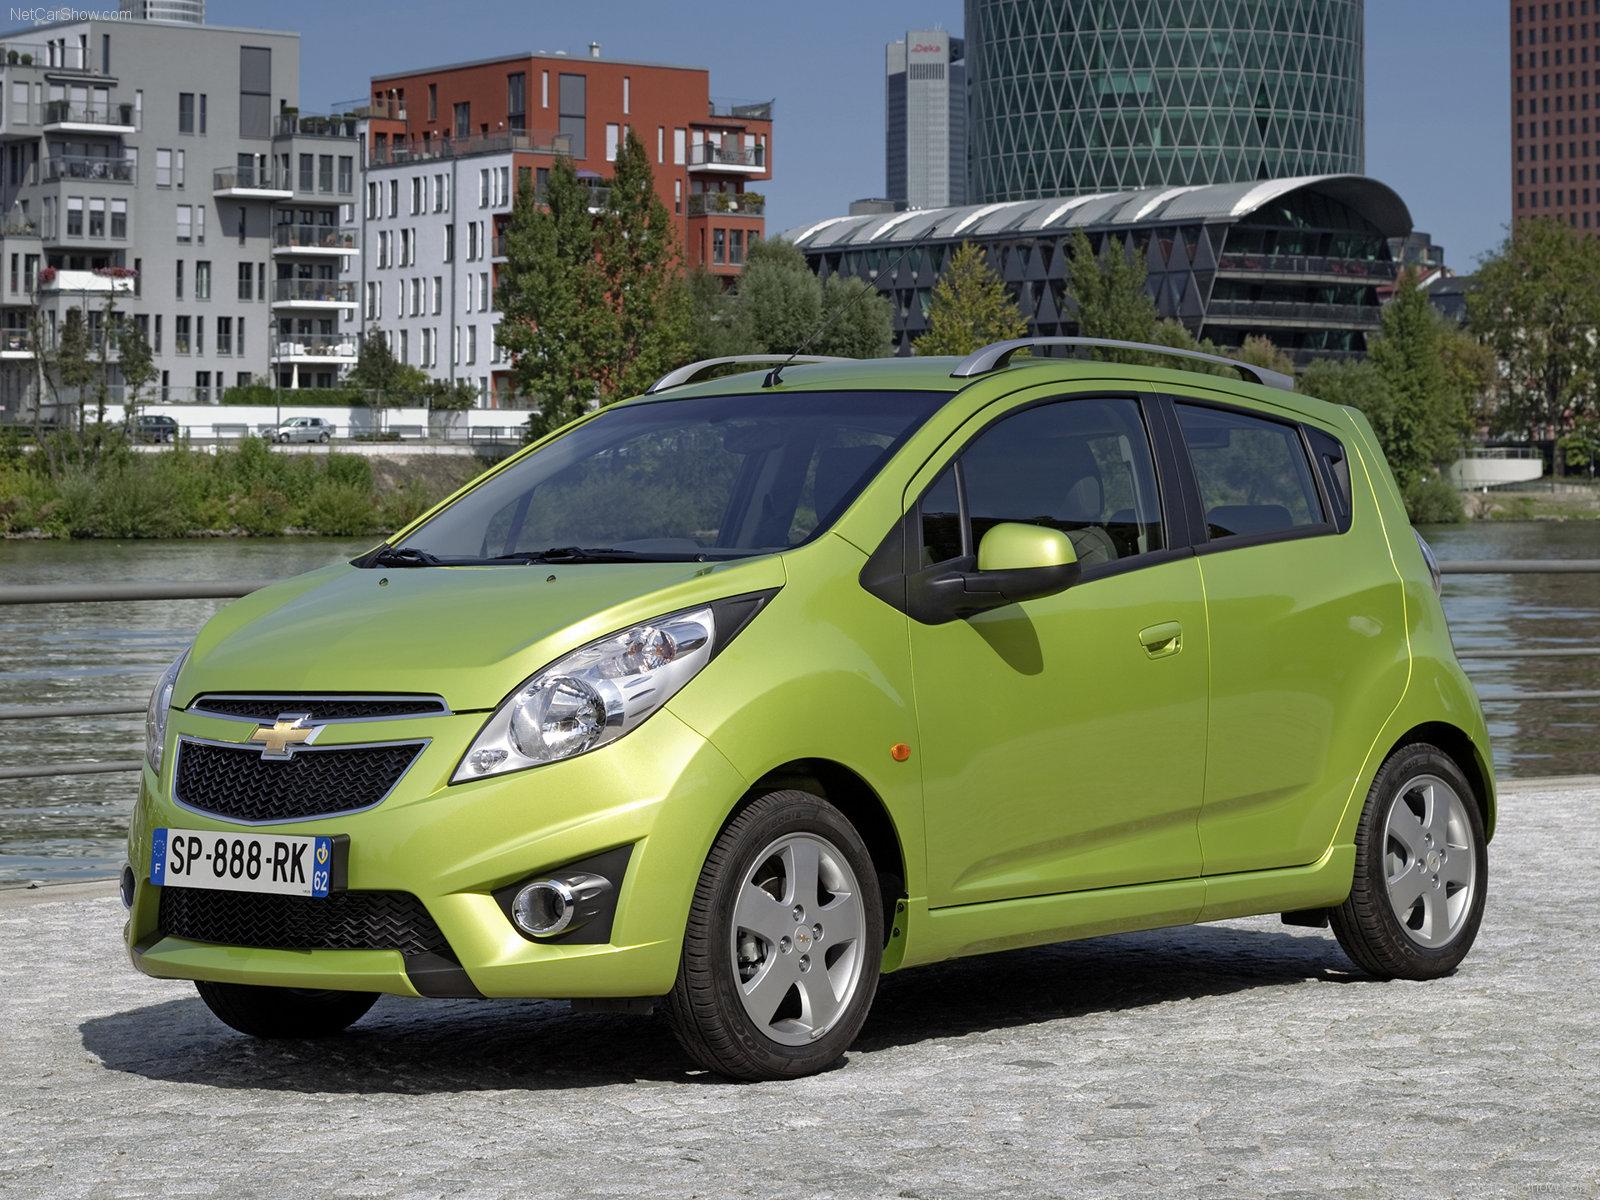 Kelebihan Kekurangan Chevrolet Spark 2011 Spesifikasi